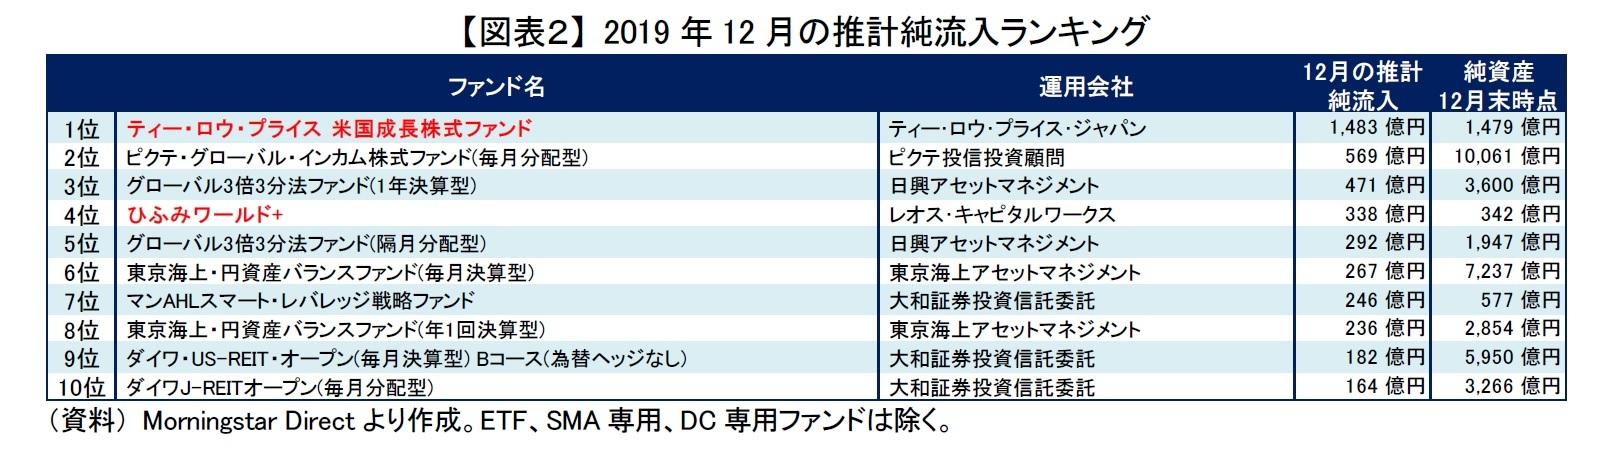 【図表2】 2019年12月の推計純流入ランキング